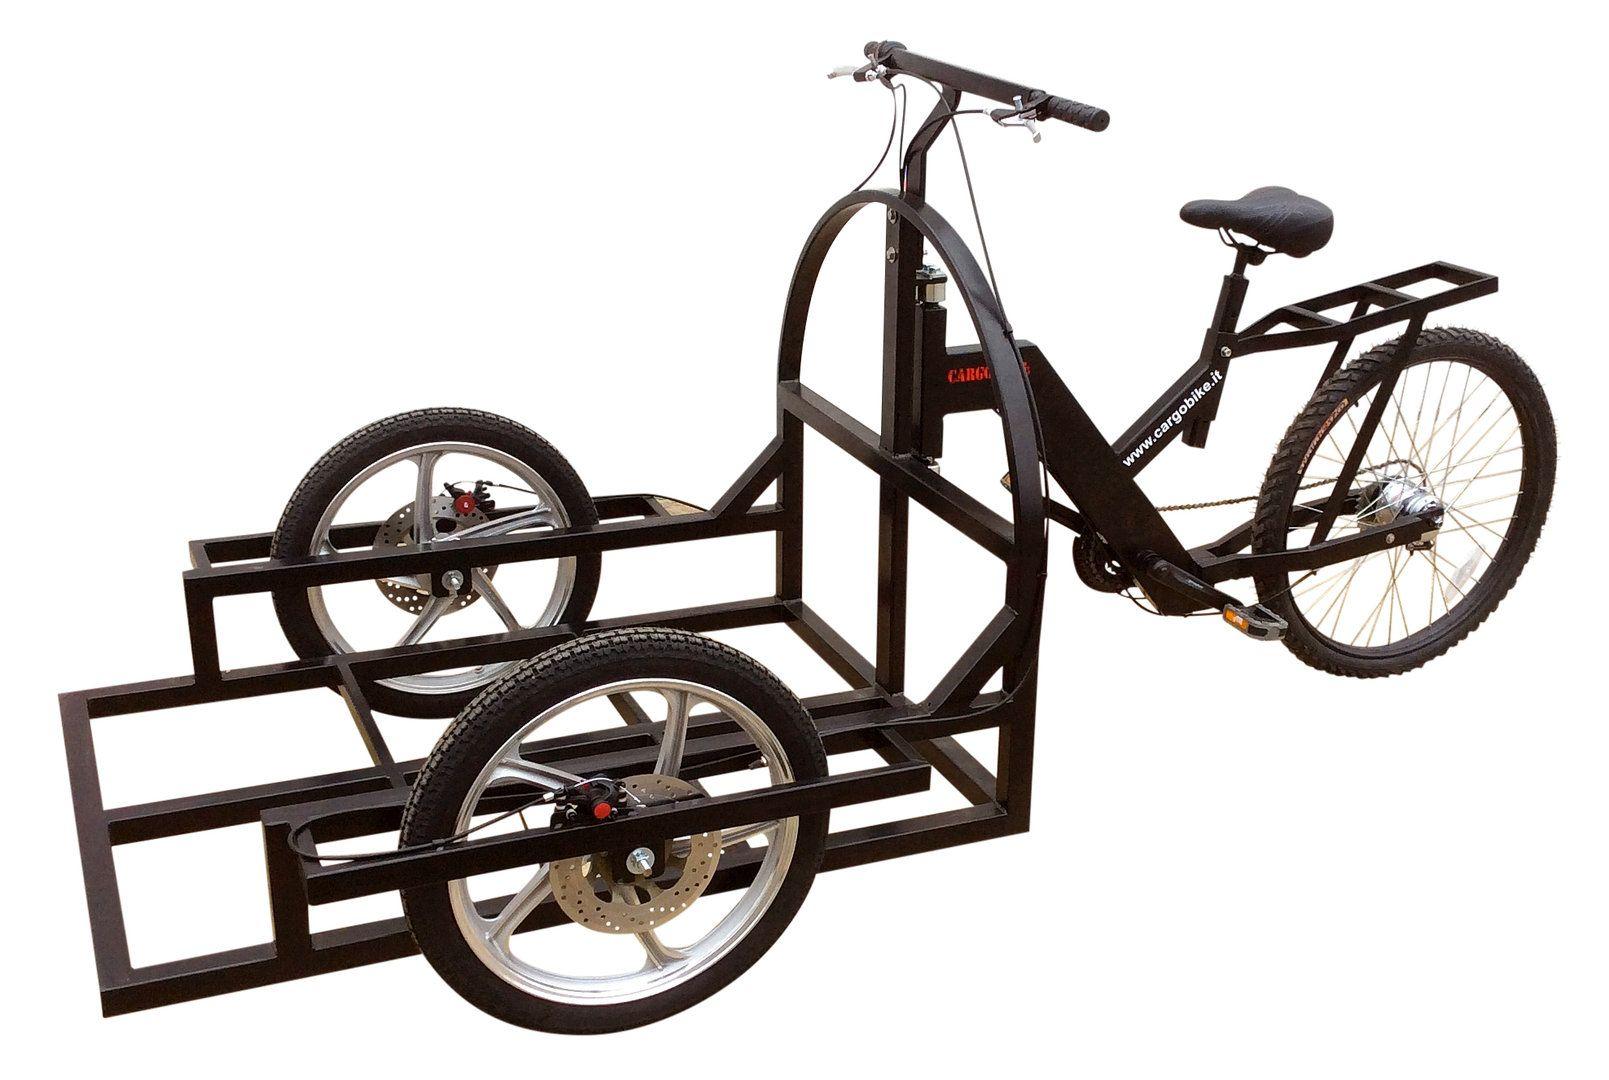 Attila Work Tricycle Bike Cargo Carrinho De Sorvete Trailer De